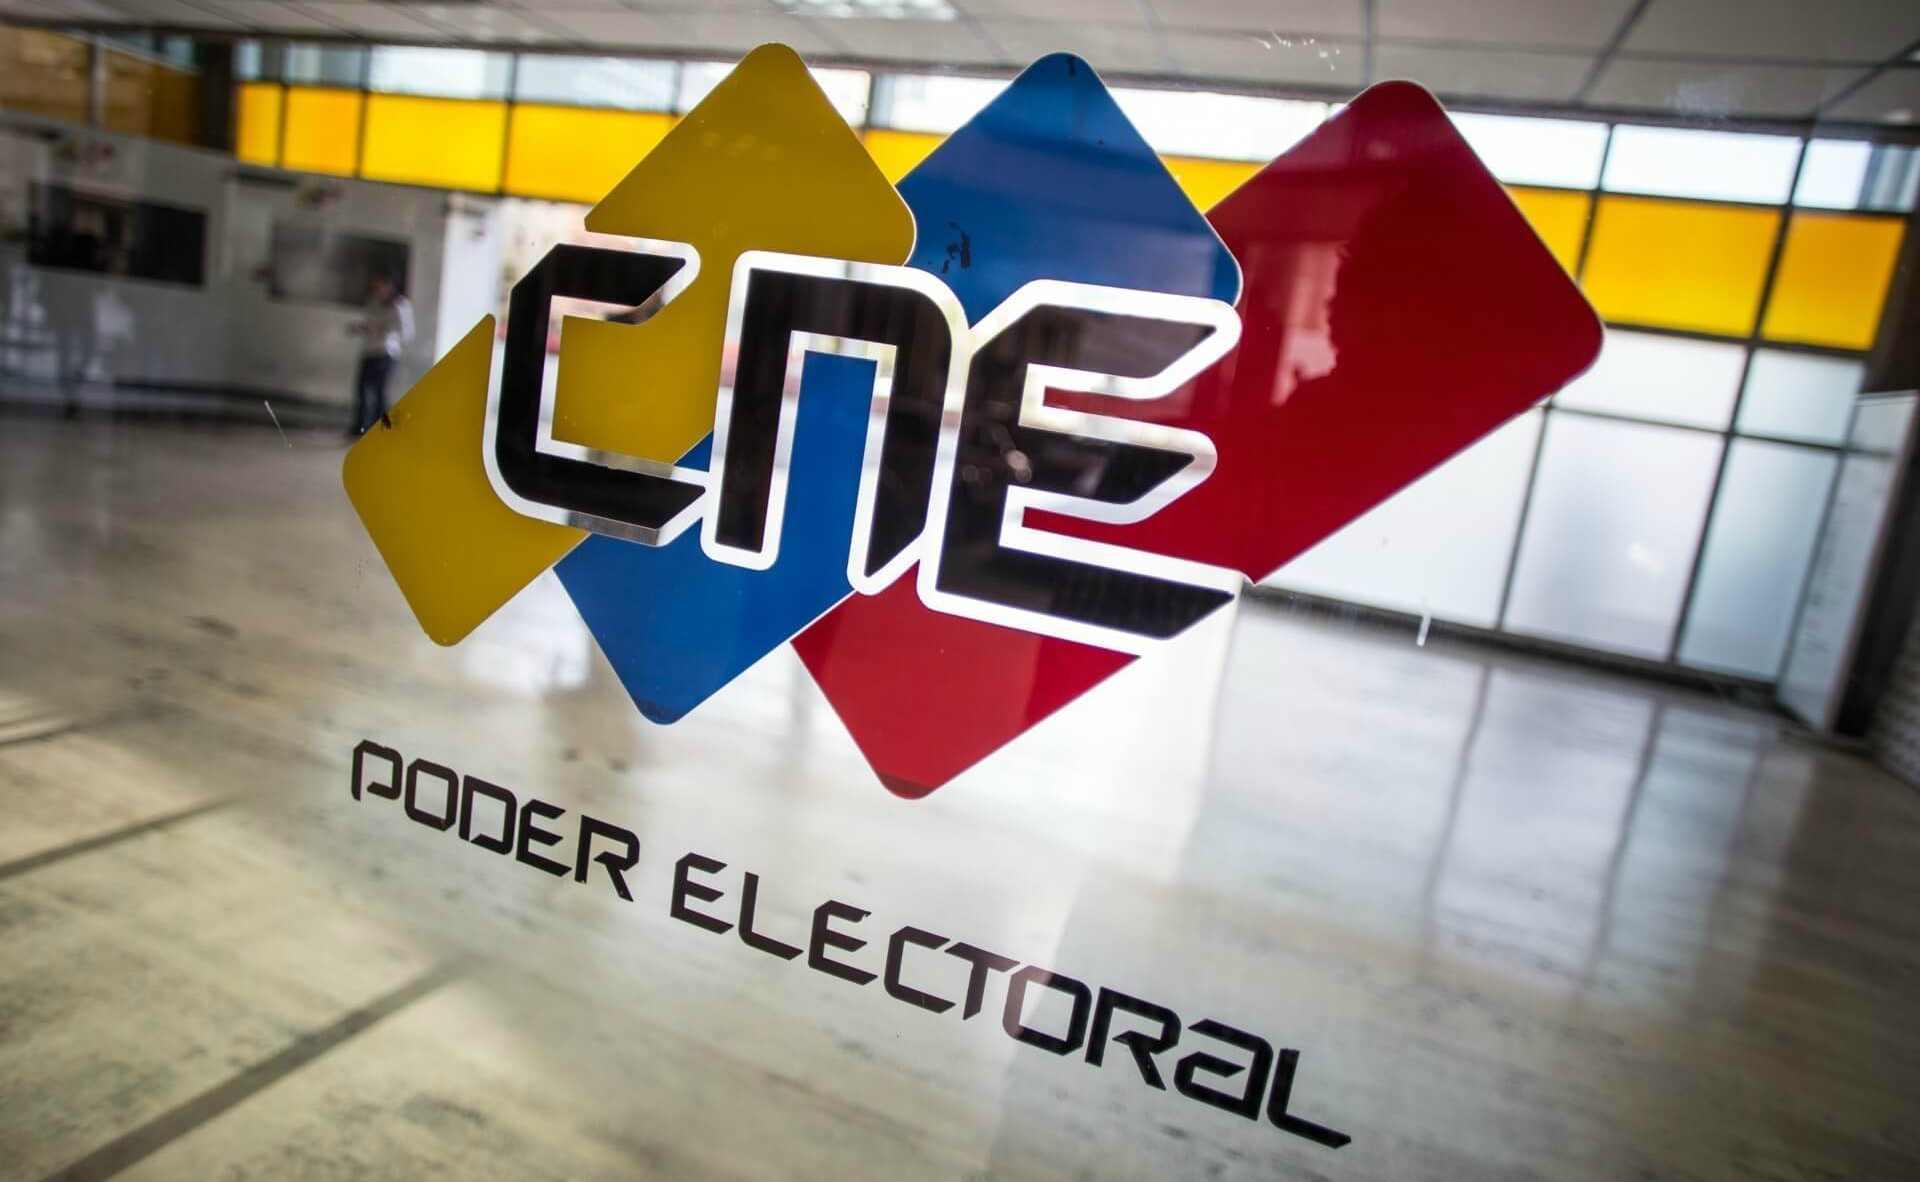 La jornada se desarrollará en todas las estaciones del Sistema Metro de Caracas hasta el 20 de febrero